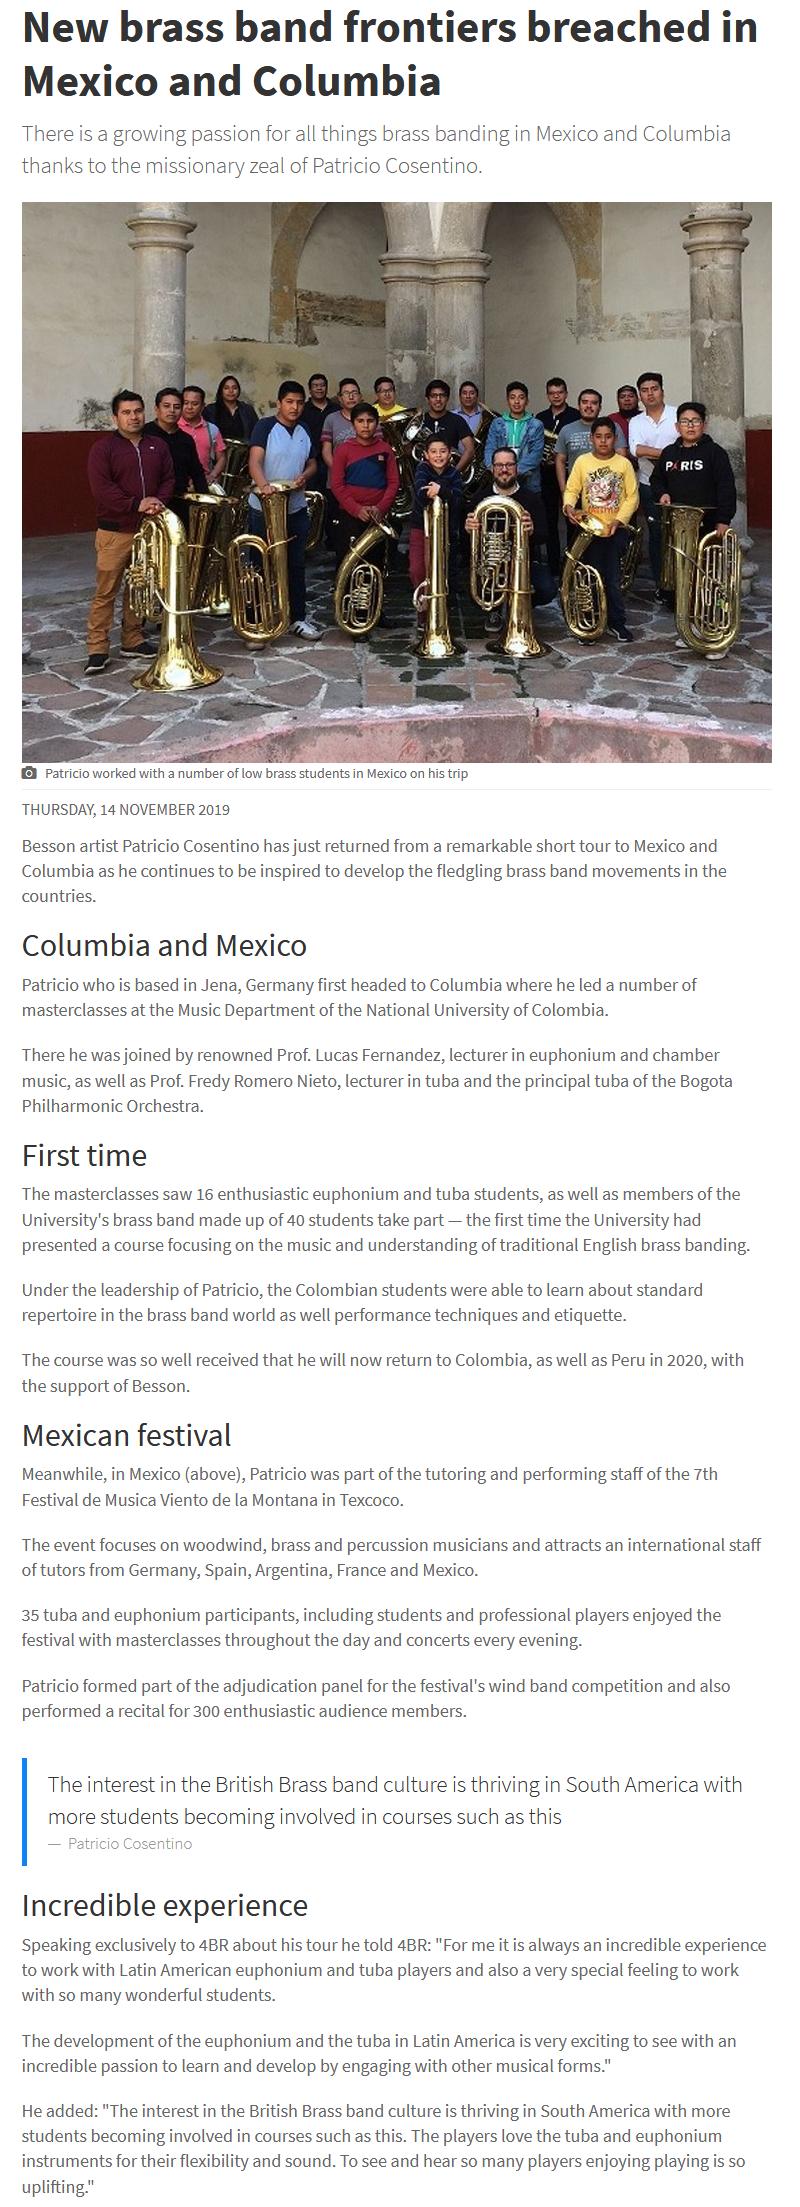 Artikel 4barsrest über die Konzertreise von Patricio Cosentino nach Mexiko und Kolumbien